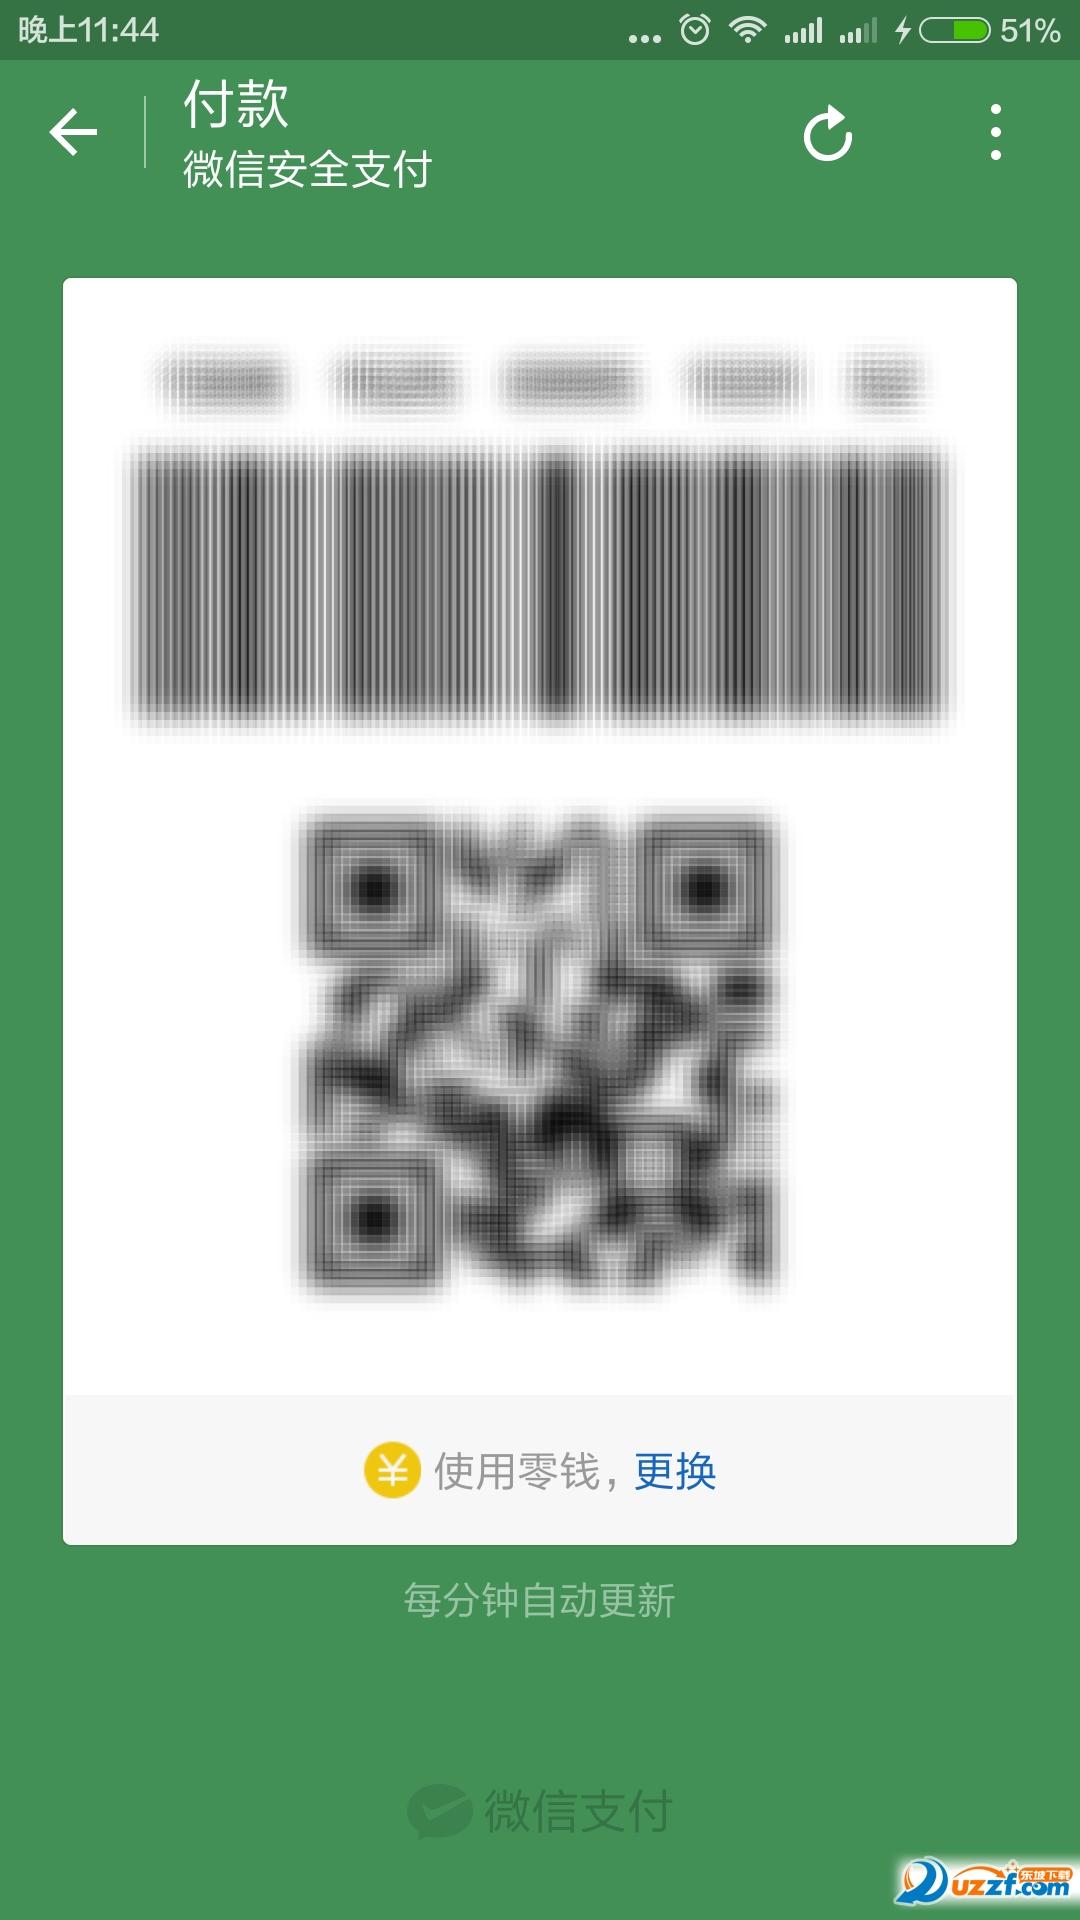 WechatPay(微信支付)截图